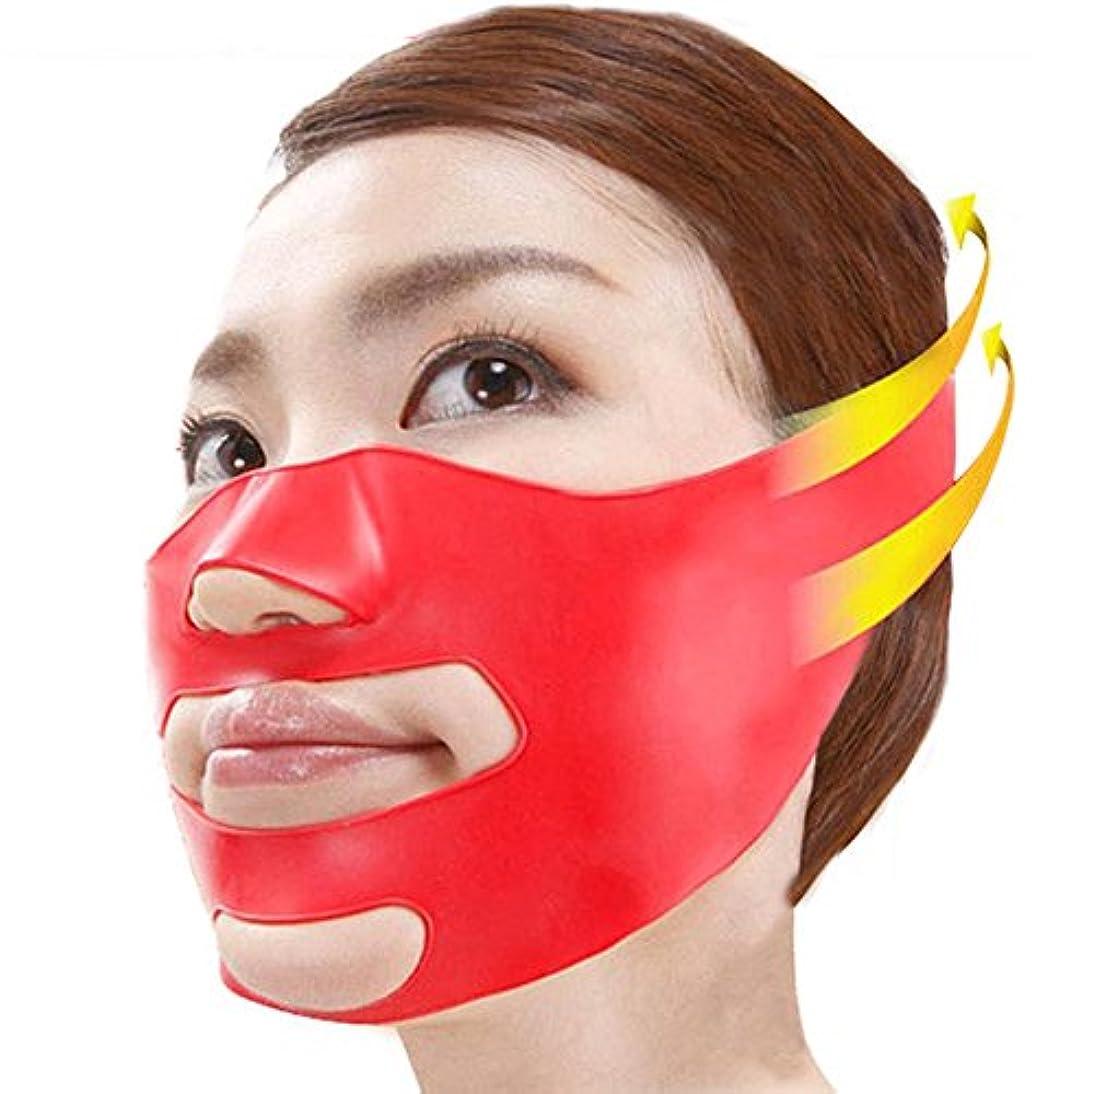 半島征服者さておき3D 小顔 マッサージグッズ フェイスマスク 美容 顔痩せ ほうれい線 消す グッズ 美顔 矯正 (フリーサイズ, レッド)